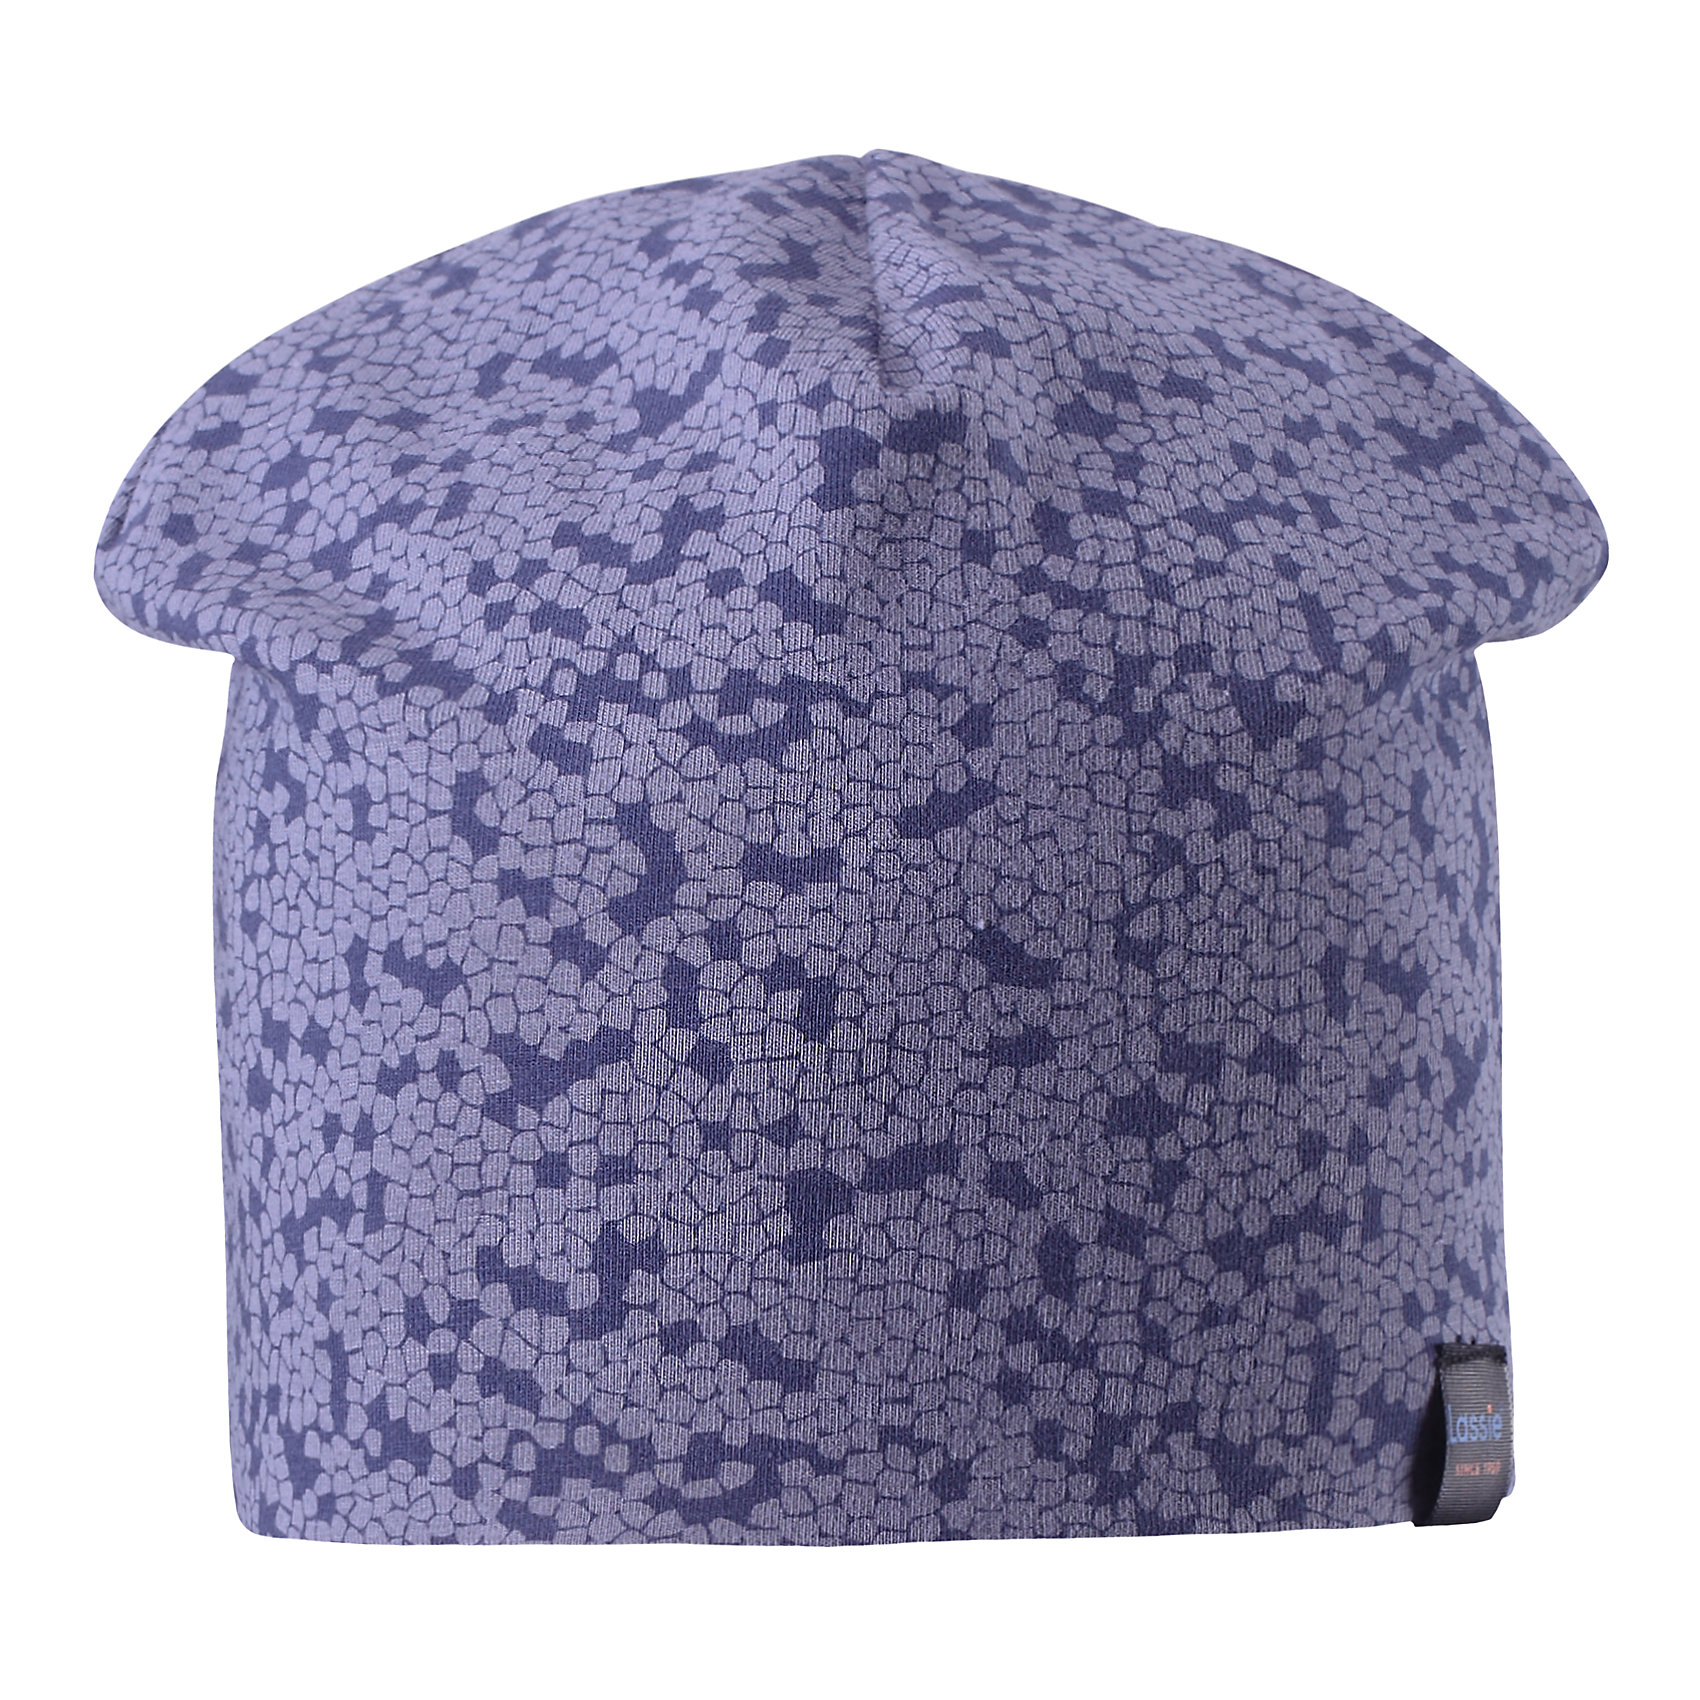 Шапка LASSIEШапки и шарфы<br>Характеристики товара:<br><br>• цвет: синий<br>• температурный режим: от +15°до +5°С<br>• состав: 97% хлопок, 3% эластан<br>• эластичный материал<br>• мягкая сплошная подкладка: смесь хлопка jersey<br>• ветронепроницаемые вставки в области ушей<br>• принт<br>• комфортная посадка<br>• страна производства: Китай<br>• страна бренда: Финляндия<br>• коллекция: весна-лето 2017<br><br>Детский головной убор может быть модным и удобным одновременно! Стильная шапка поможет обеспечить ребенку комфорт и дополнить наряд. Она отлично смотрится с различной одеждой. Шапка удобно сидит и аккуратно выглядит. Проста в уходе, долго служит. Продуманный крой разрабатывался специально для детей.<br><br>Обувь и одежда от финского бренда LASSIE пользуются популярностью во многих странах. Они стильные, качественные и удобные. Для производства продукции используются только безопасные, проверенные материалы и фурнитура. Порадуйте ребенка модными и красивыми вещами от Lassie®! <br><br>Шапку от финского бренда LASSIE можно купить в нашем интернет-магазине.<br><br>Ширина мм: 89<br>Глубина мм: 117<br>Высота мм: 44<br>Вес г: 155<br>Цвет: синий<br>Возраст от месяцев: 72<br>Возраст до месяцев: 120<br>Пол: Унисекс<br>Возраст: Детский<br>Размер: 54-56,46-48,50-52<br>SKU: 5264211